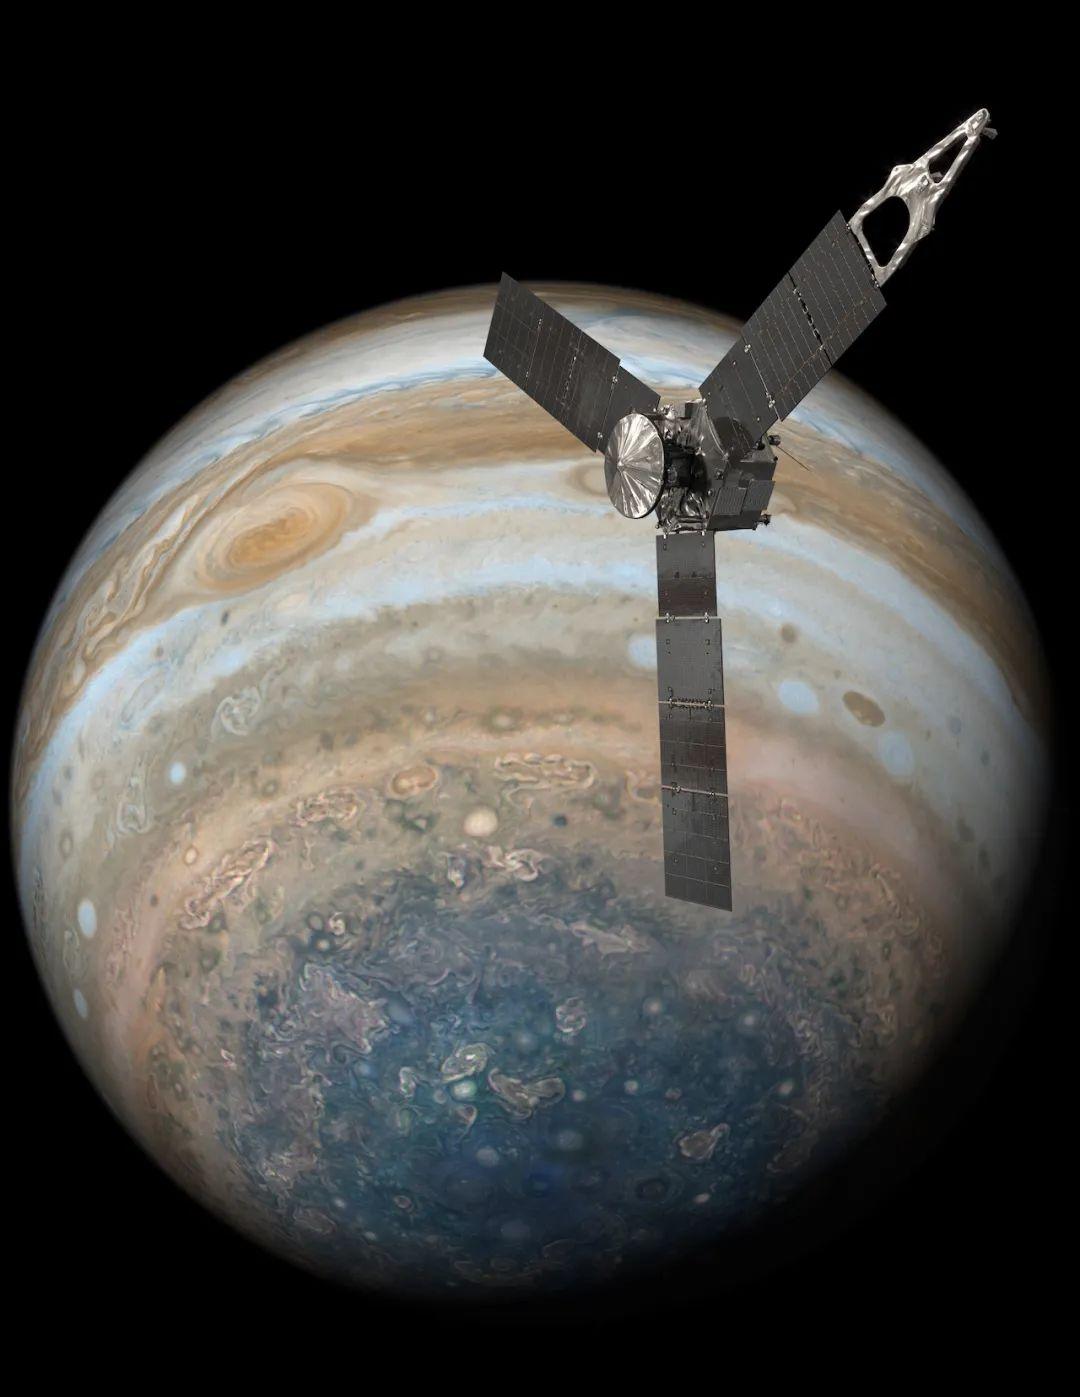 原创 木星两大风暴发生合并!美国探测器拍摄到罕见一幕